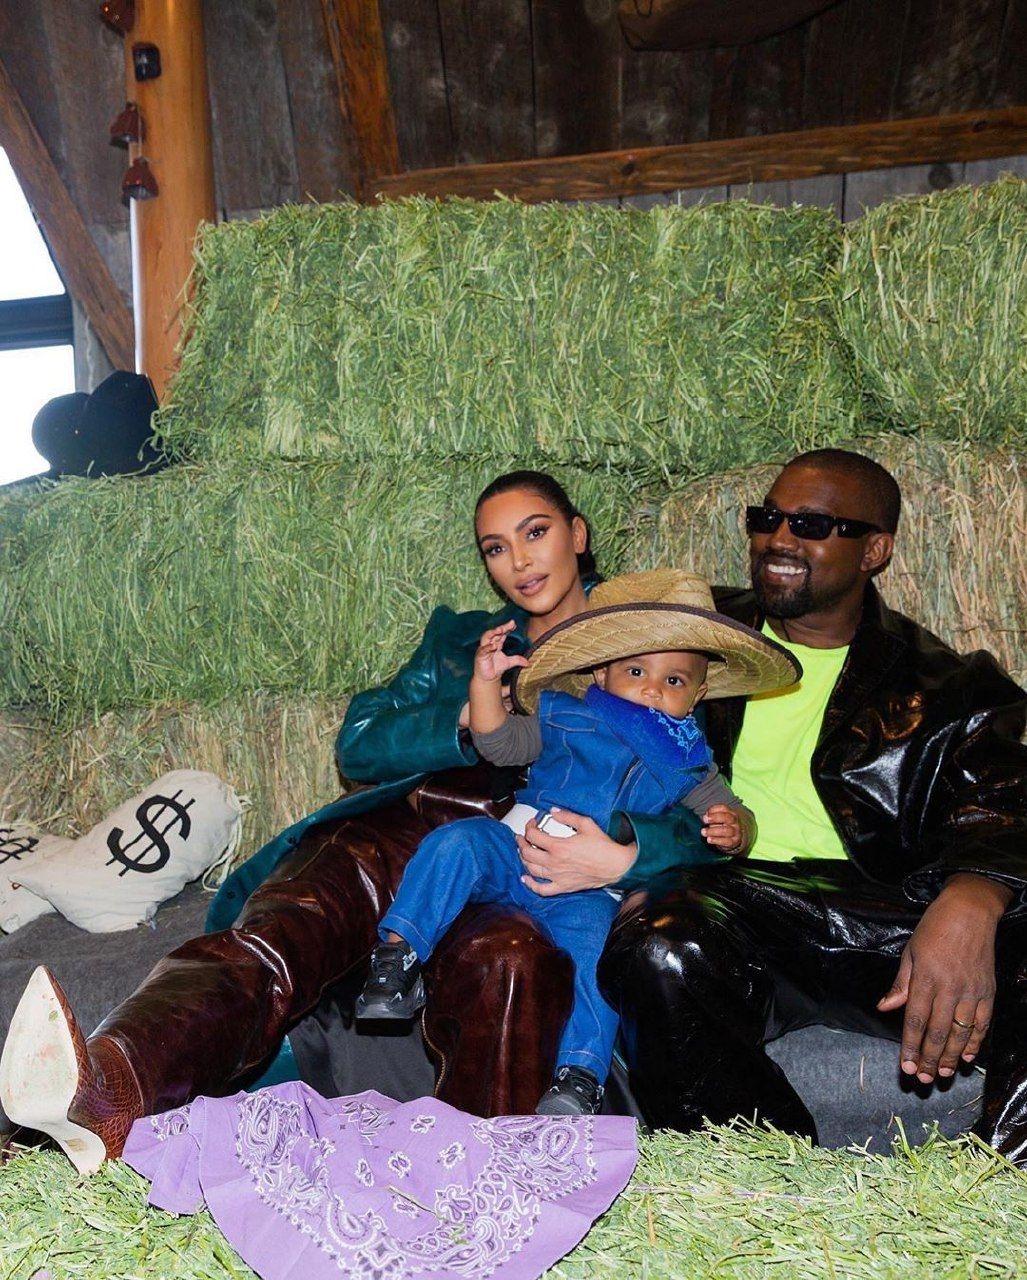 Канье Уэст и Ким Кардашьян с детьми фото